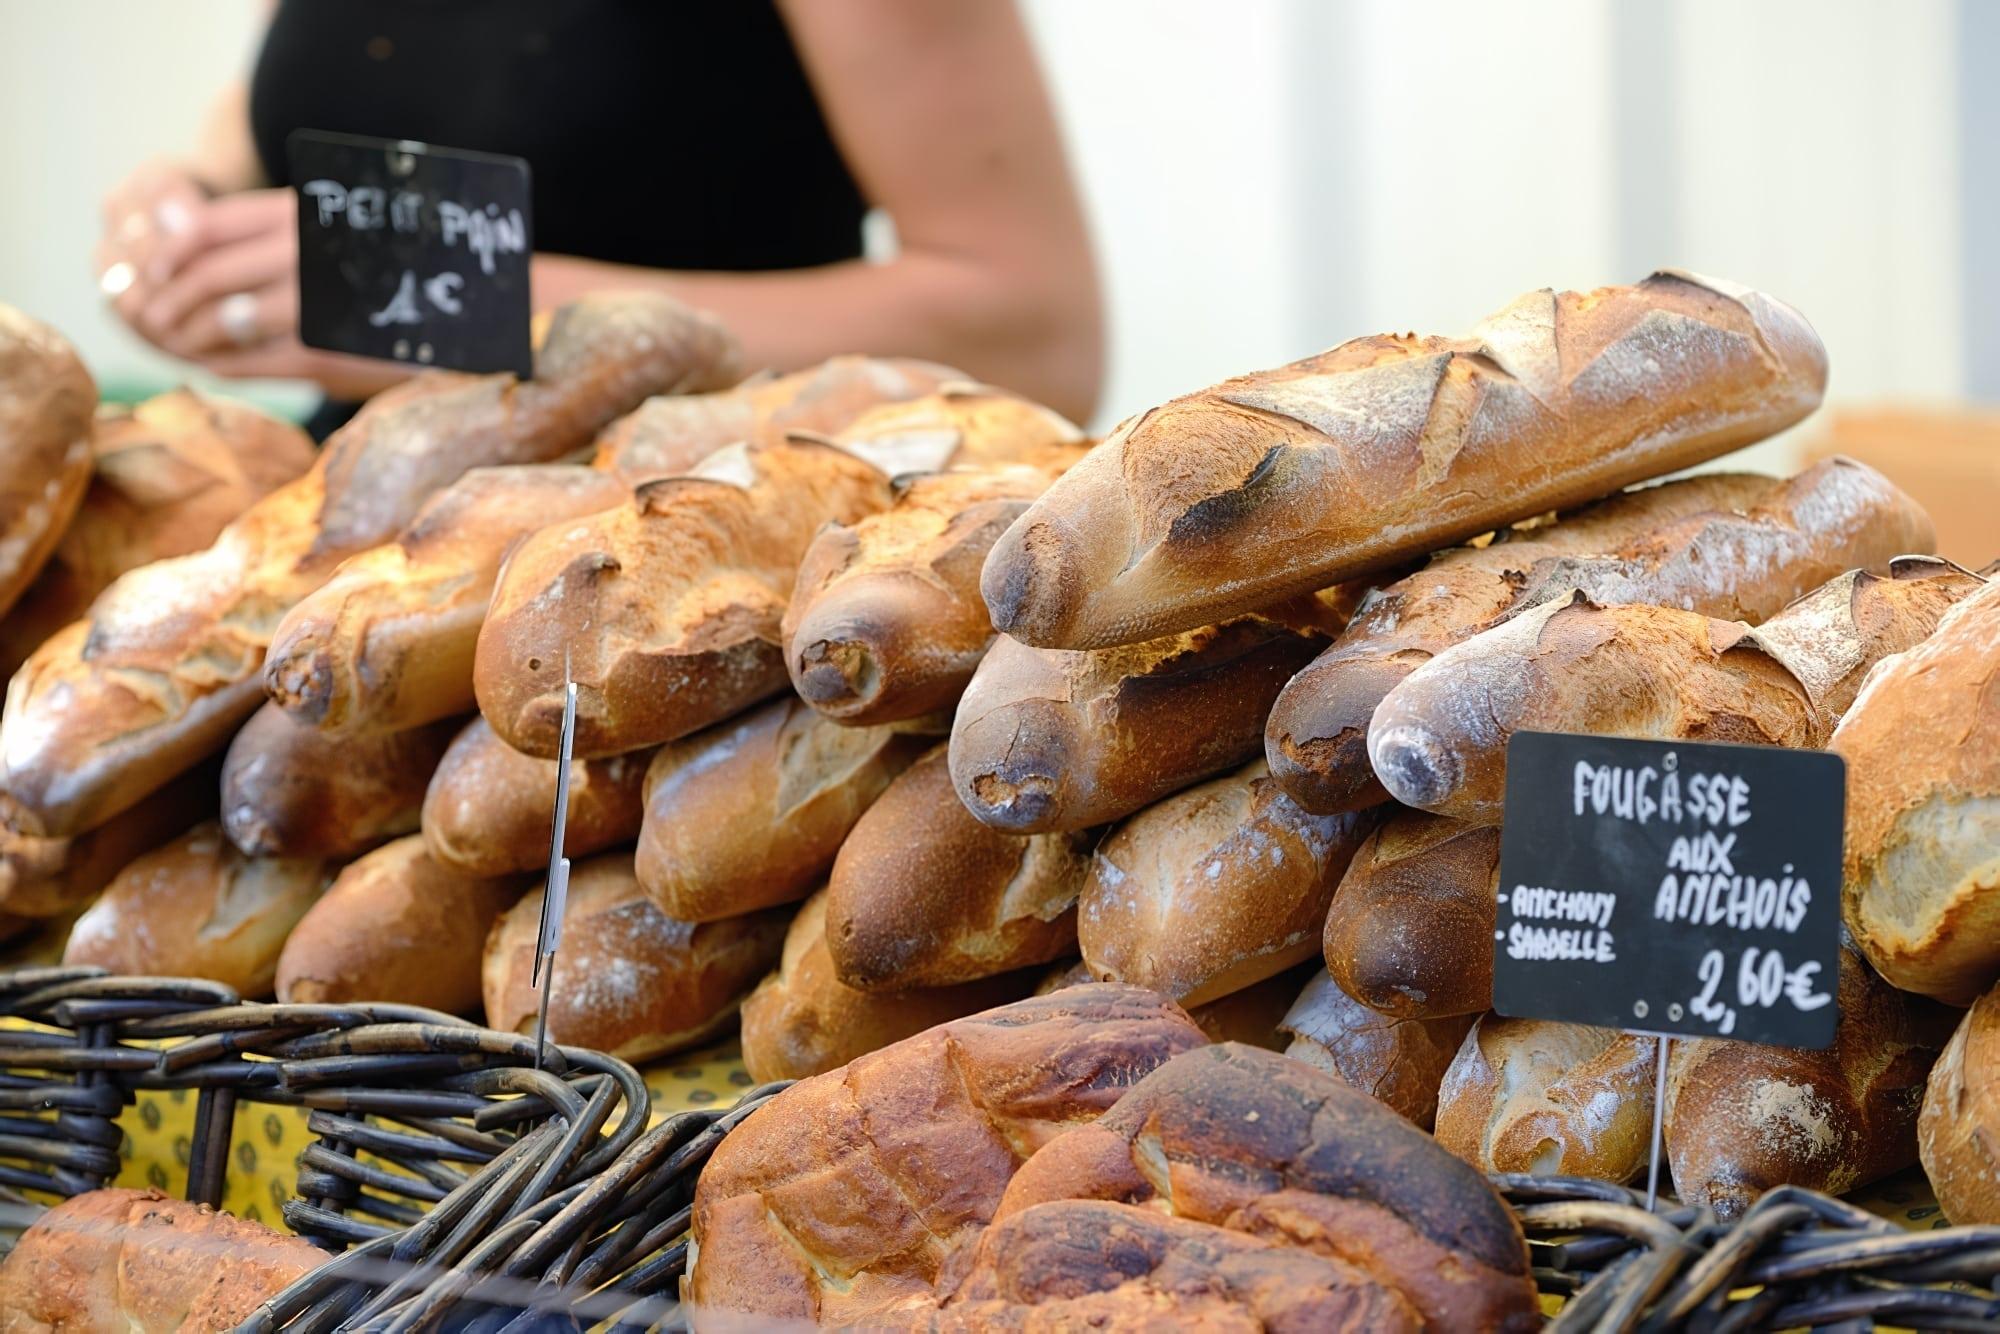 marchés de france - vente de pains et fougasses